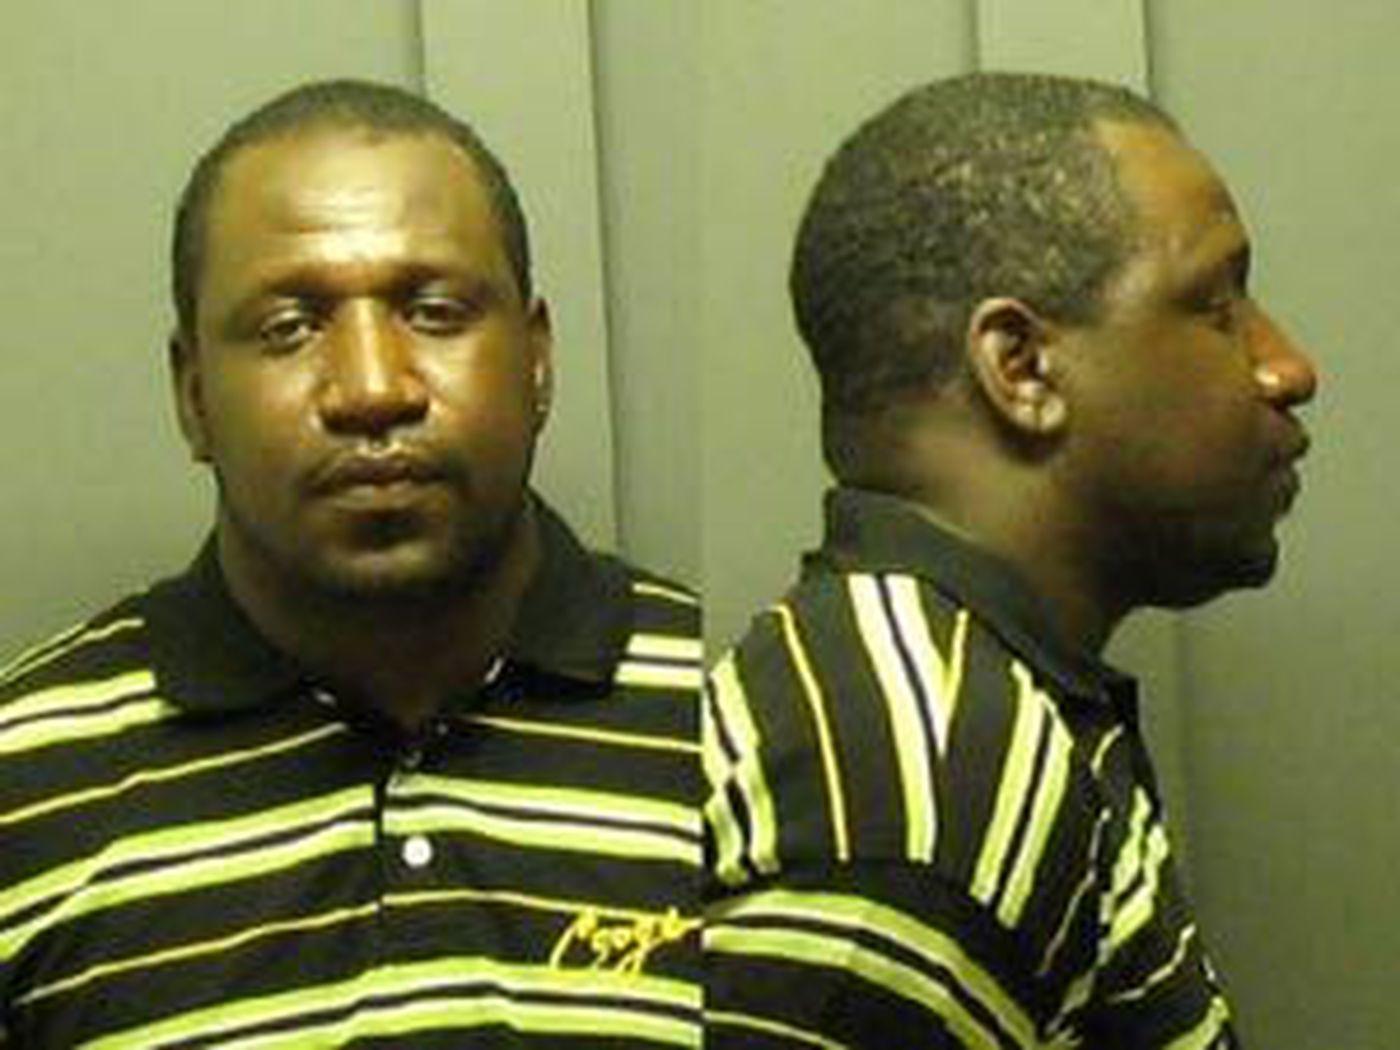 MPD make several drug arrests over the weekend